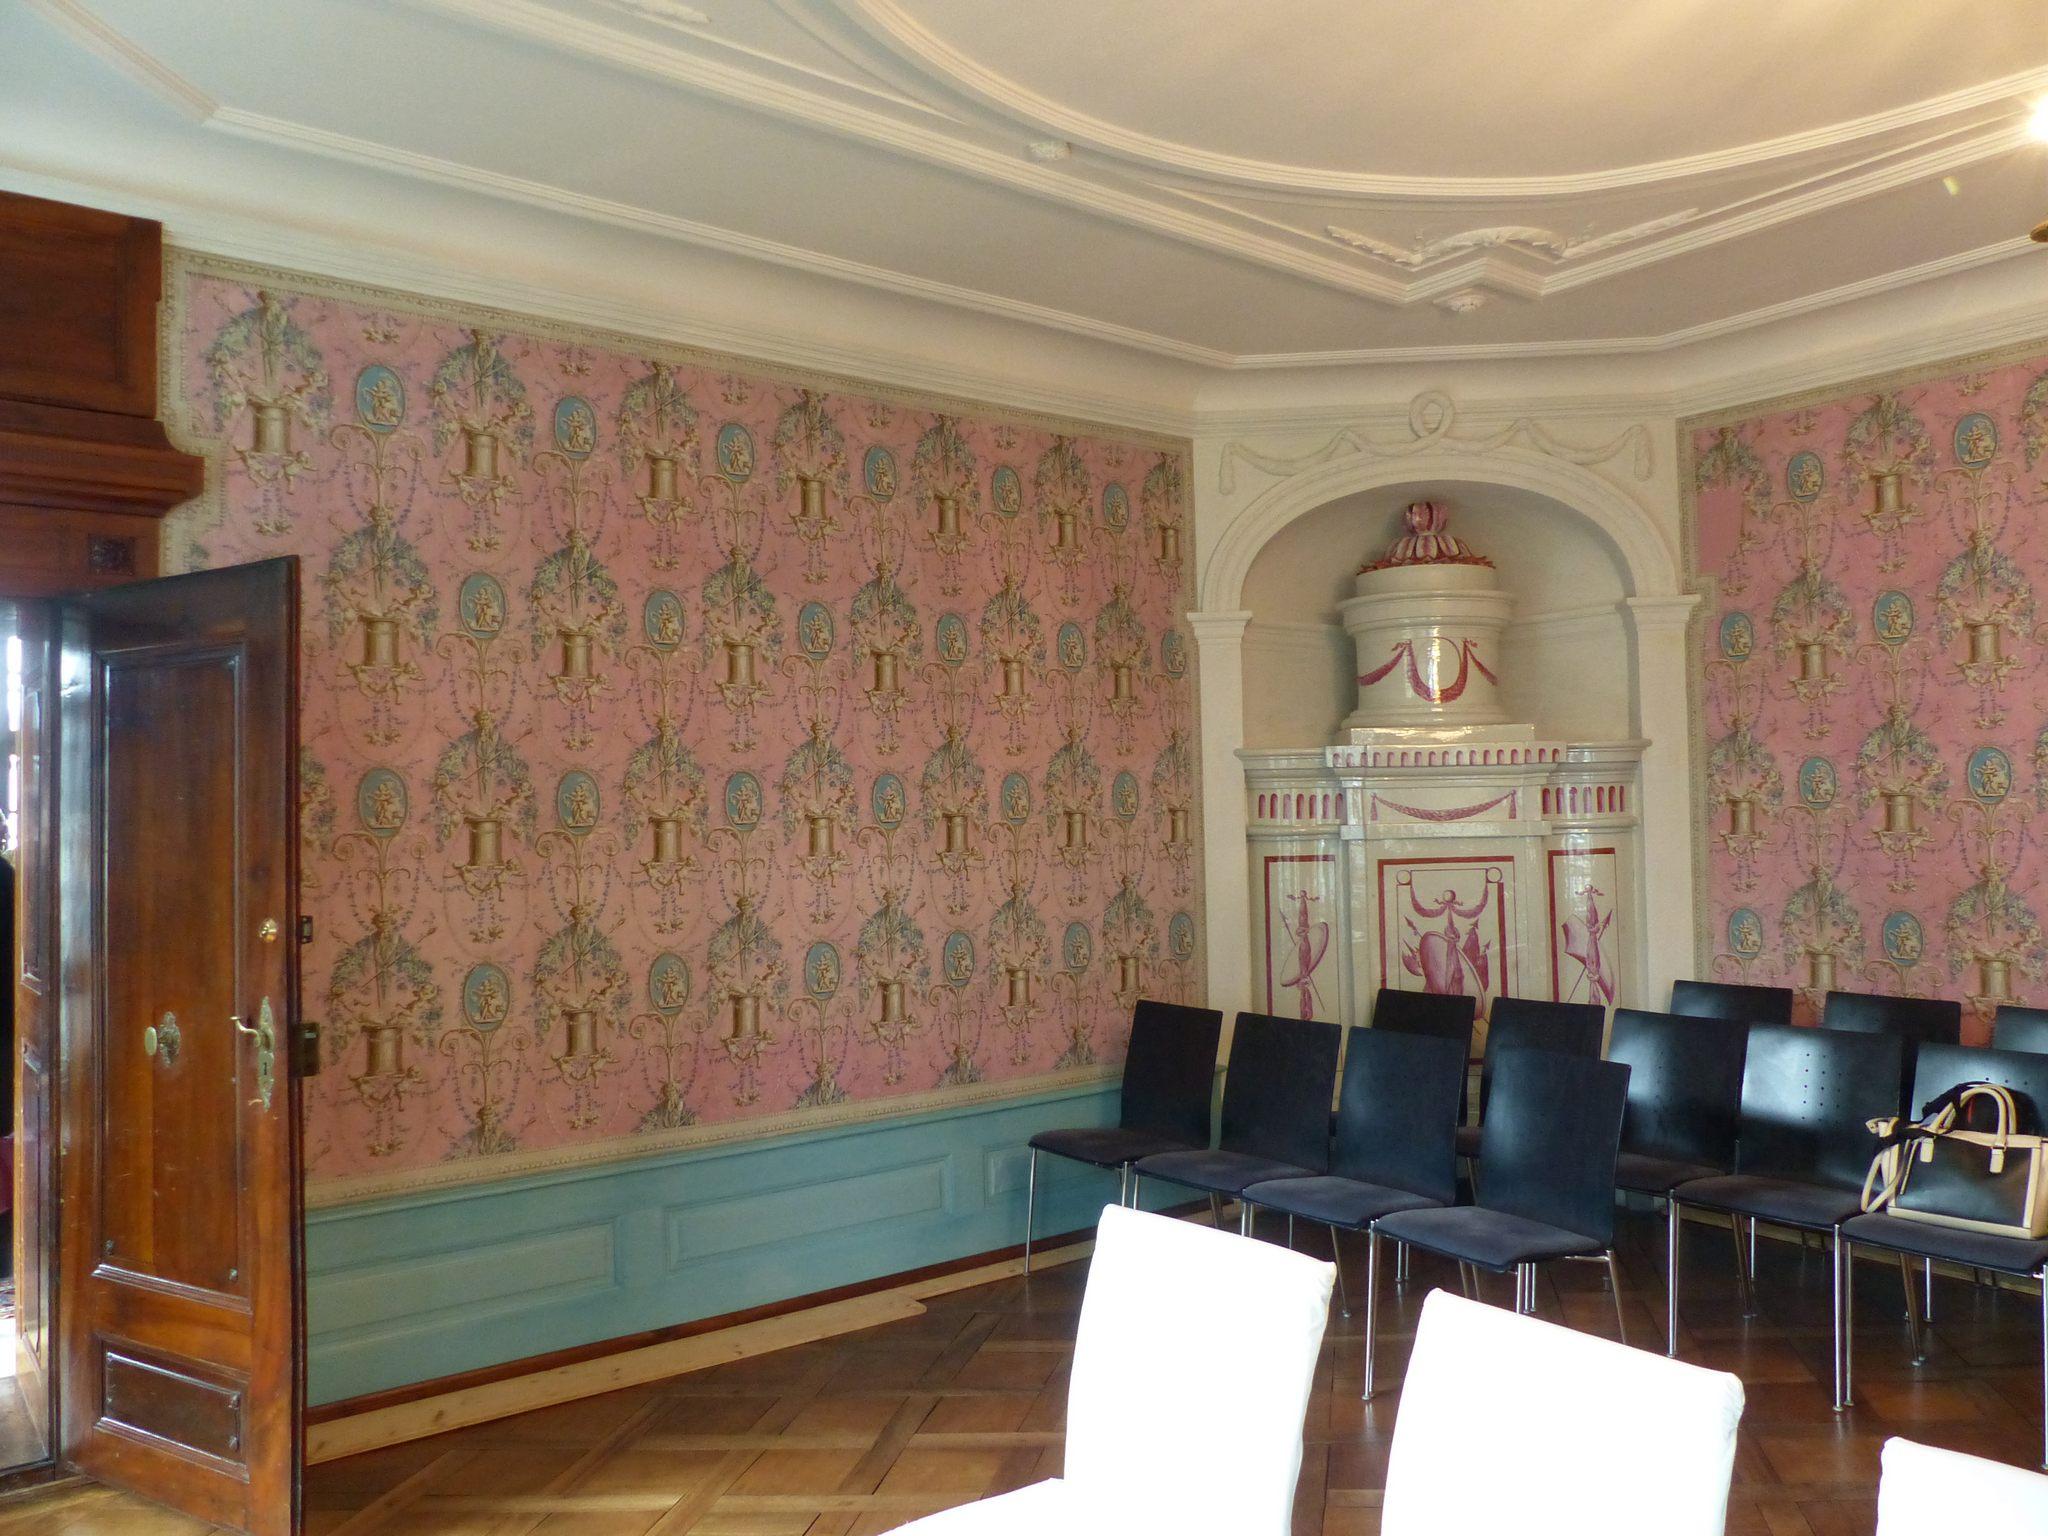 Lenzburg (Suisse) Müllerhaus, 18e siècle Papier peint d'origine conservé in-situ